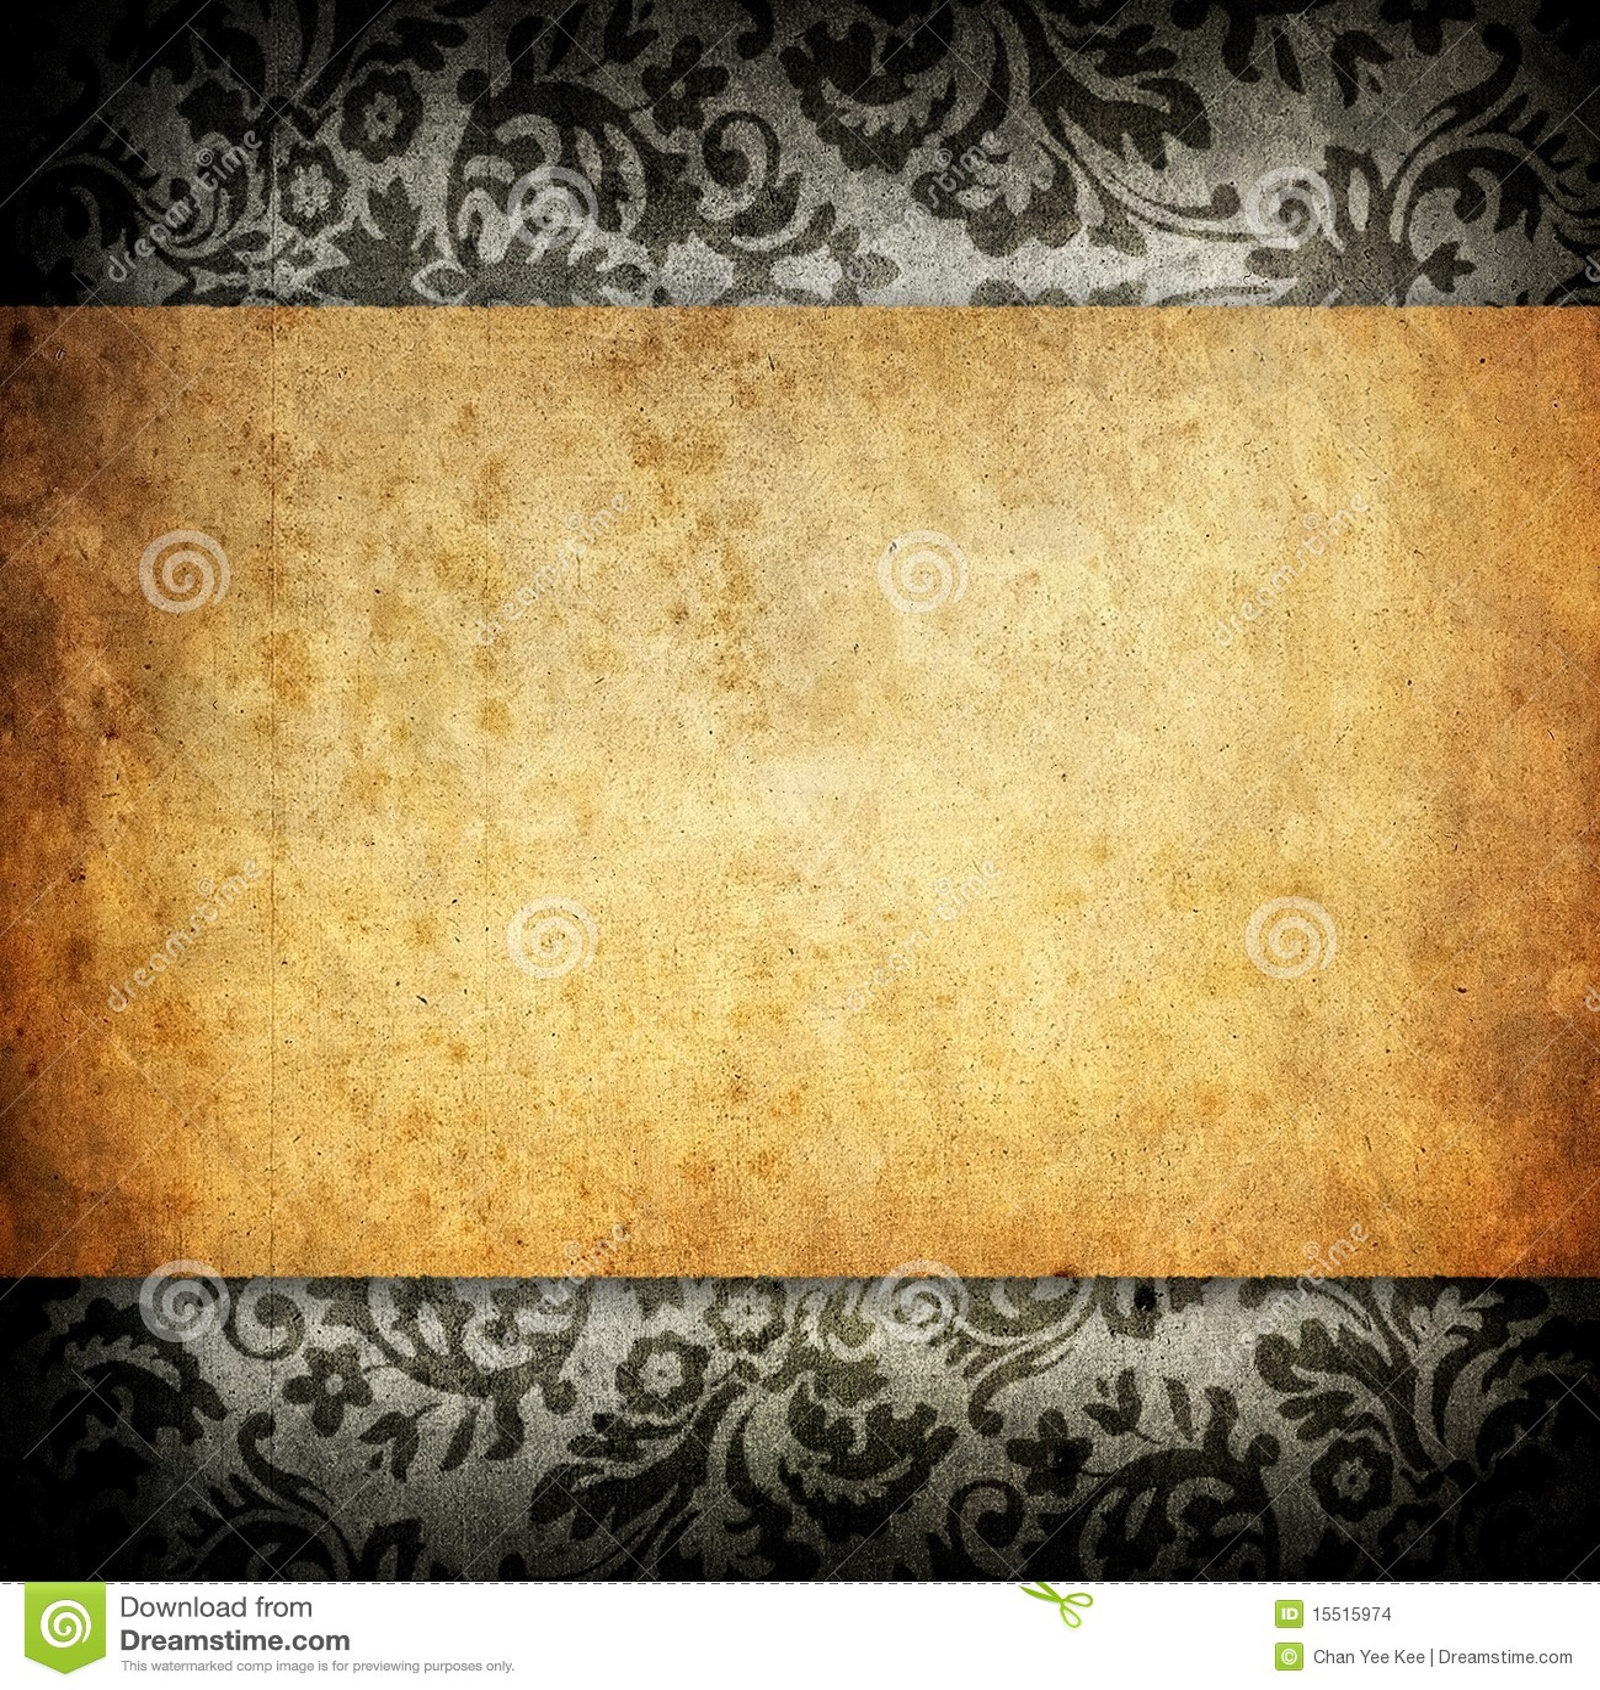 Vintage Banner Background Stock Images - Image: 15515974